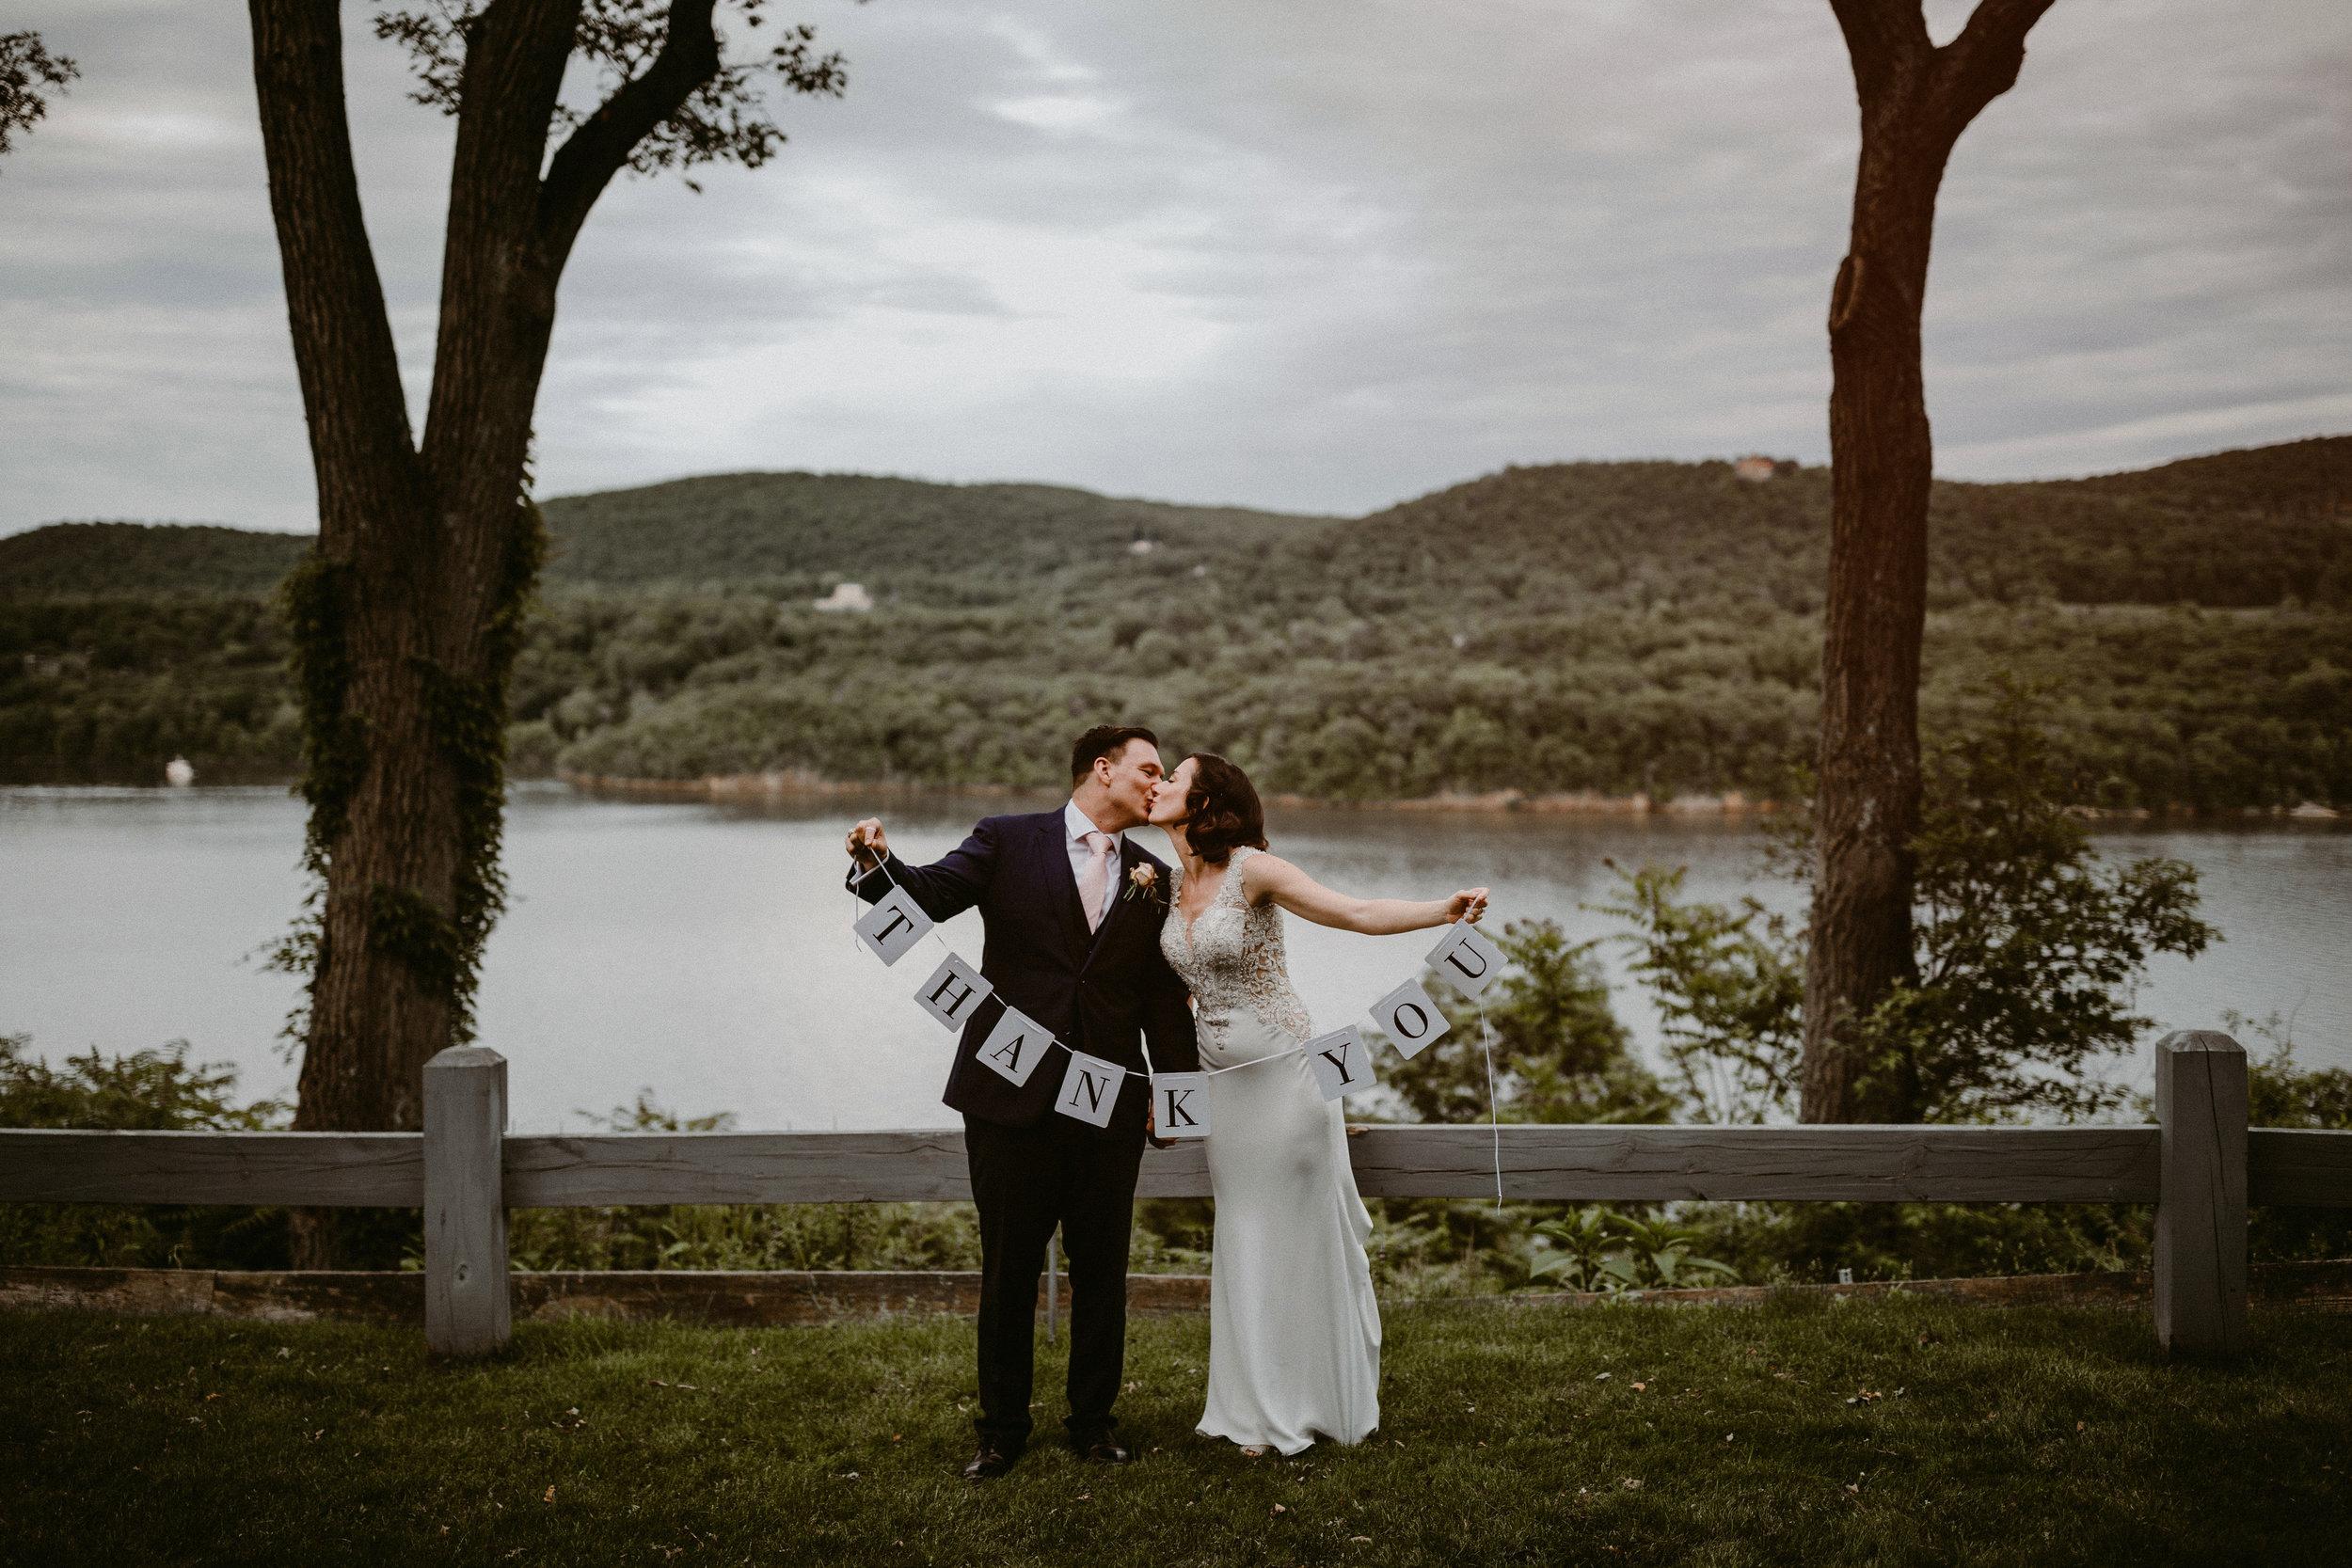 LaurenandAlex-weddingpreviews(26of35).jpg